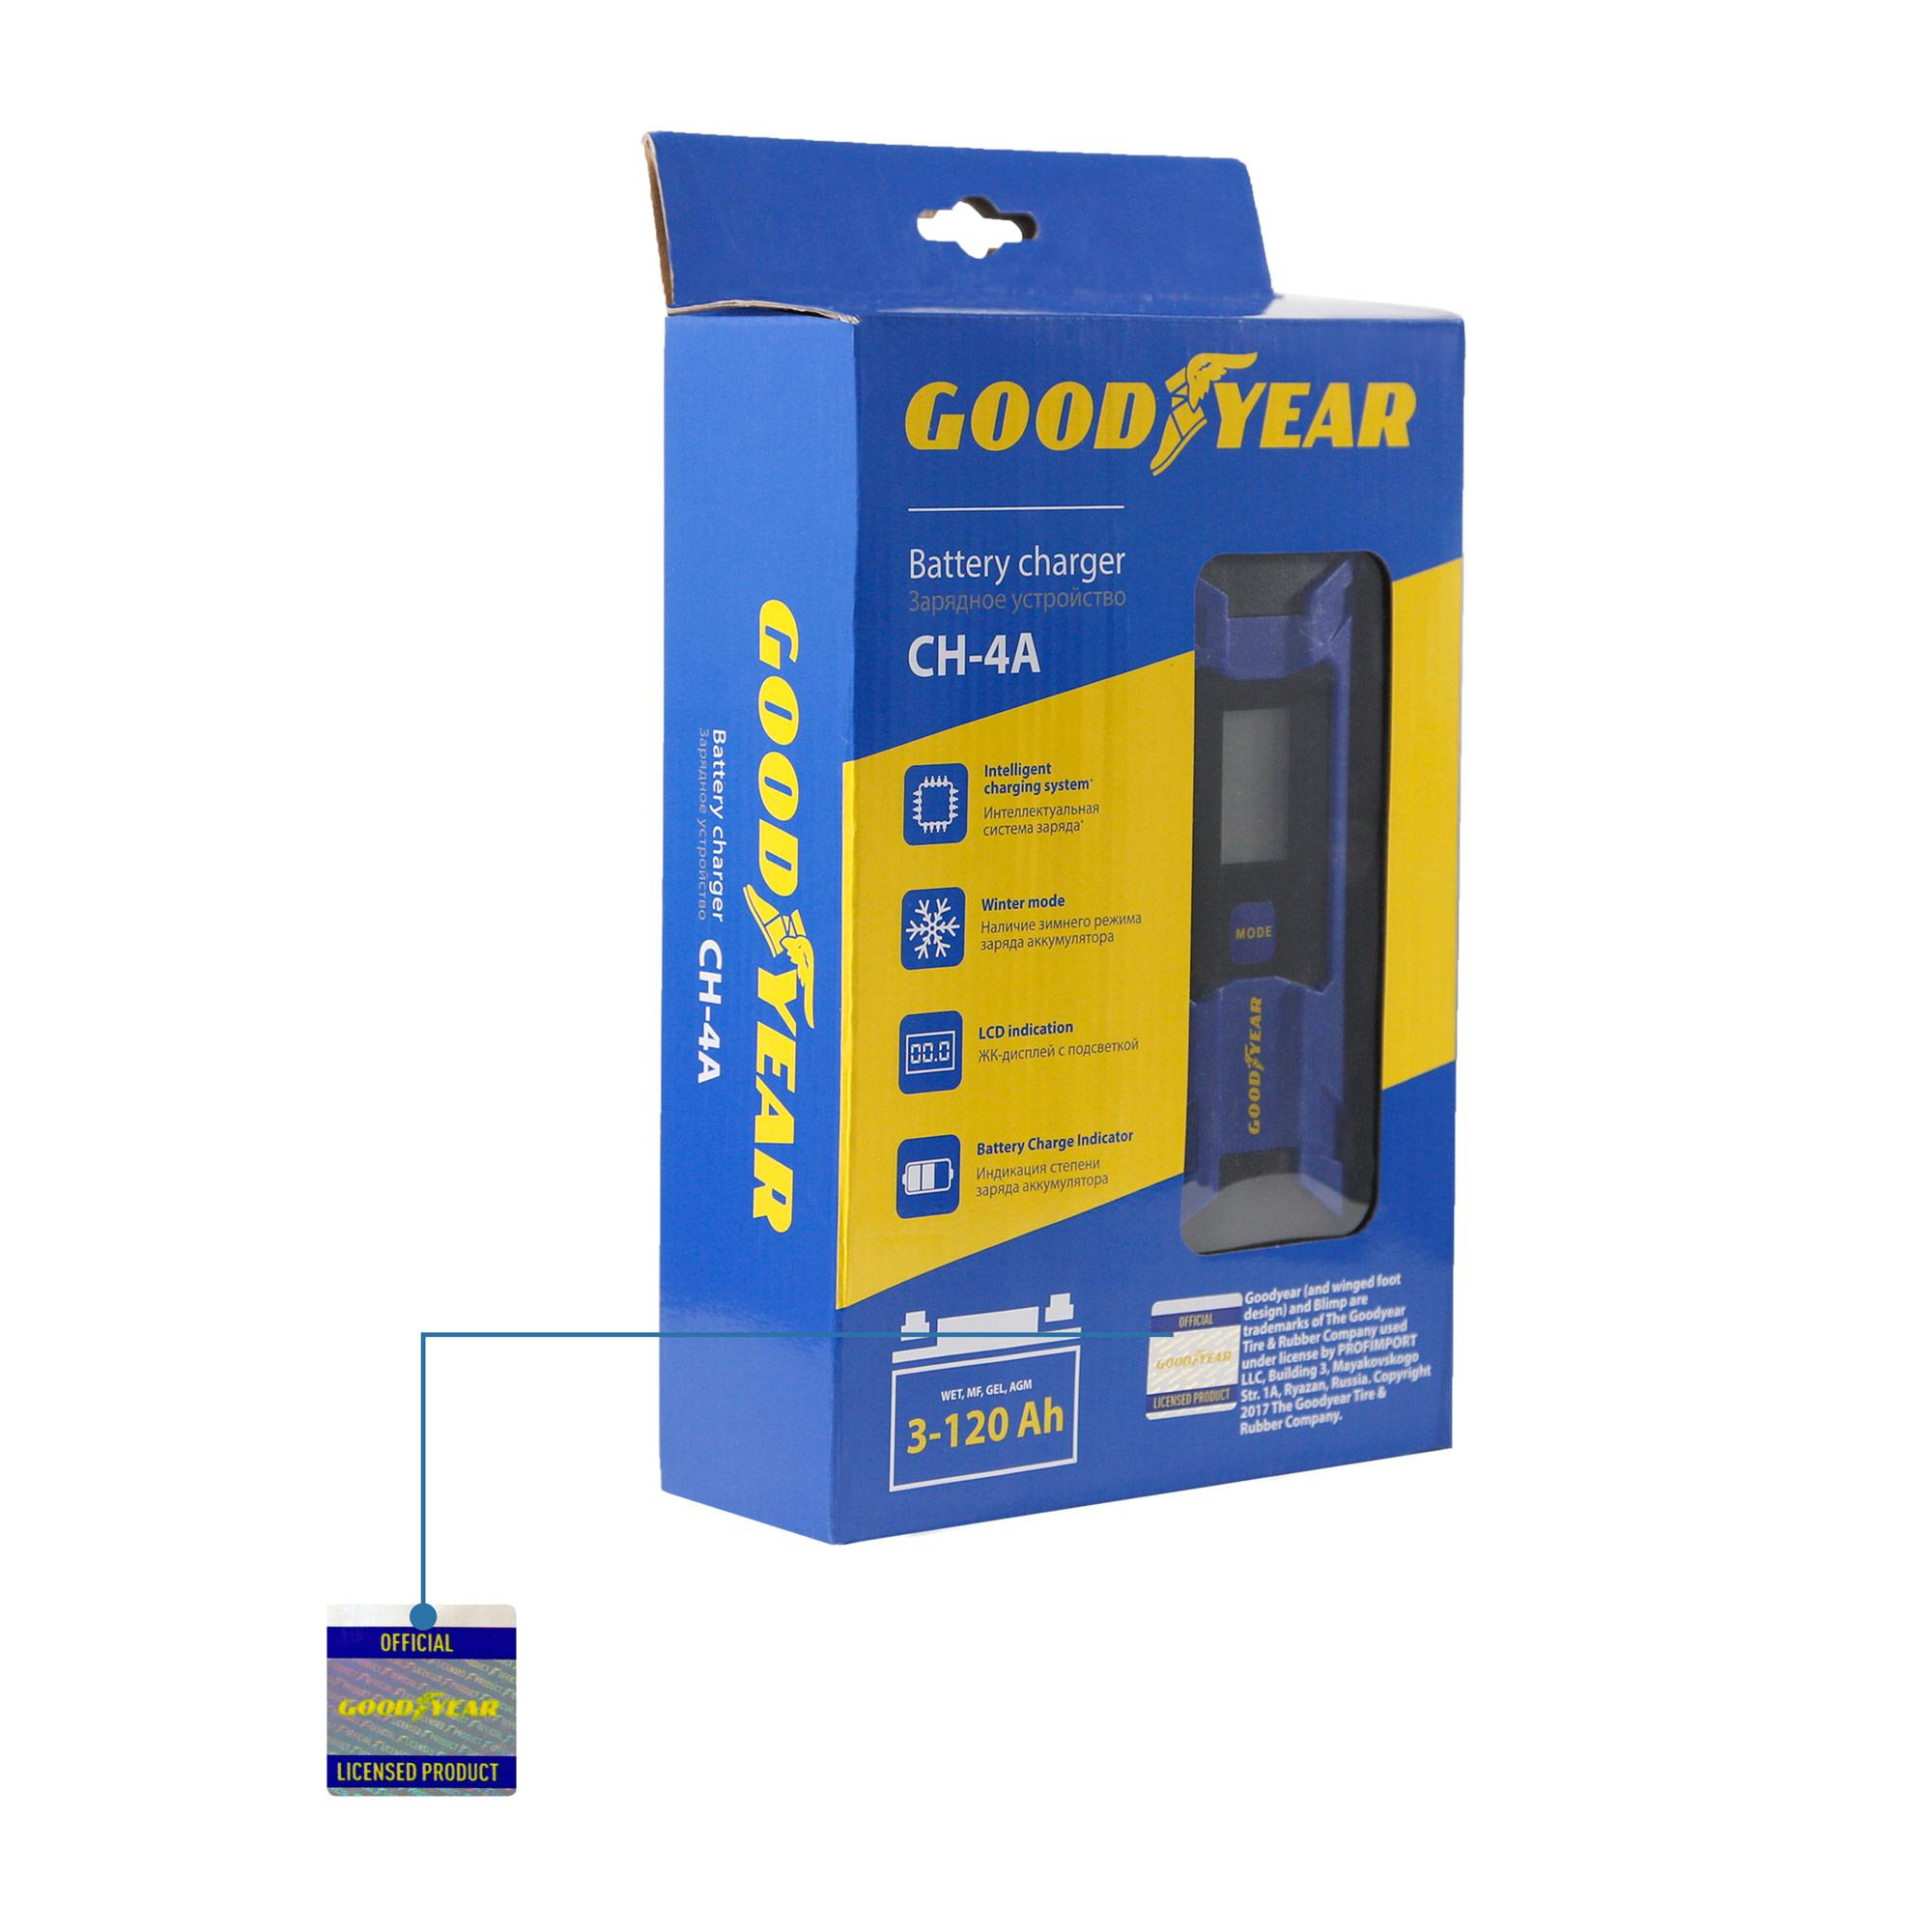 Зарядное устройство Goodyear Gy003001